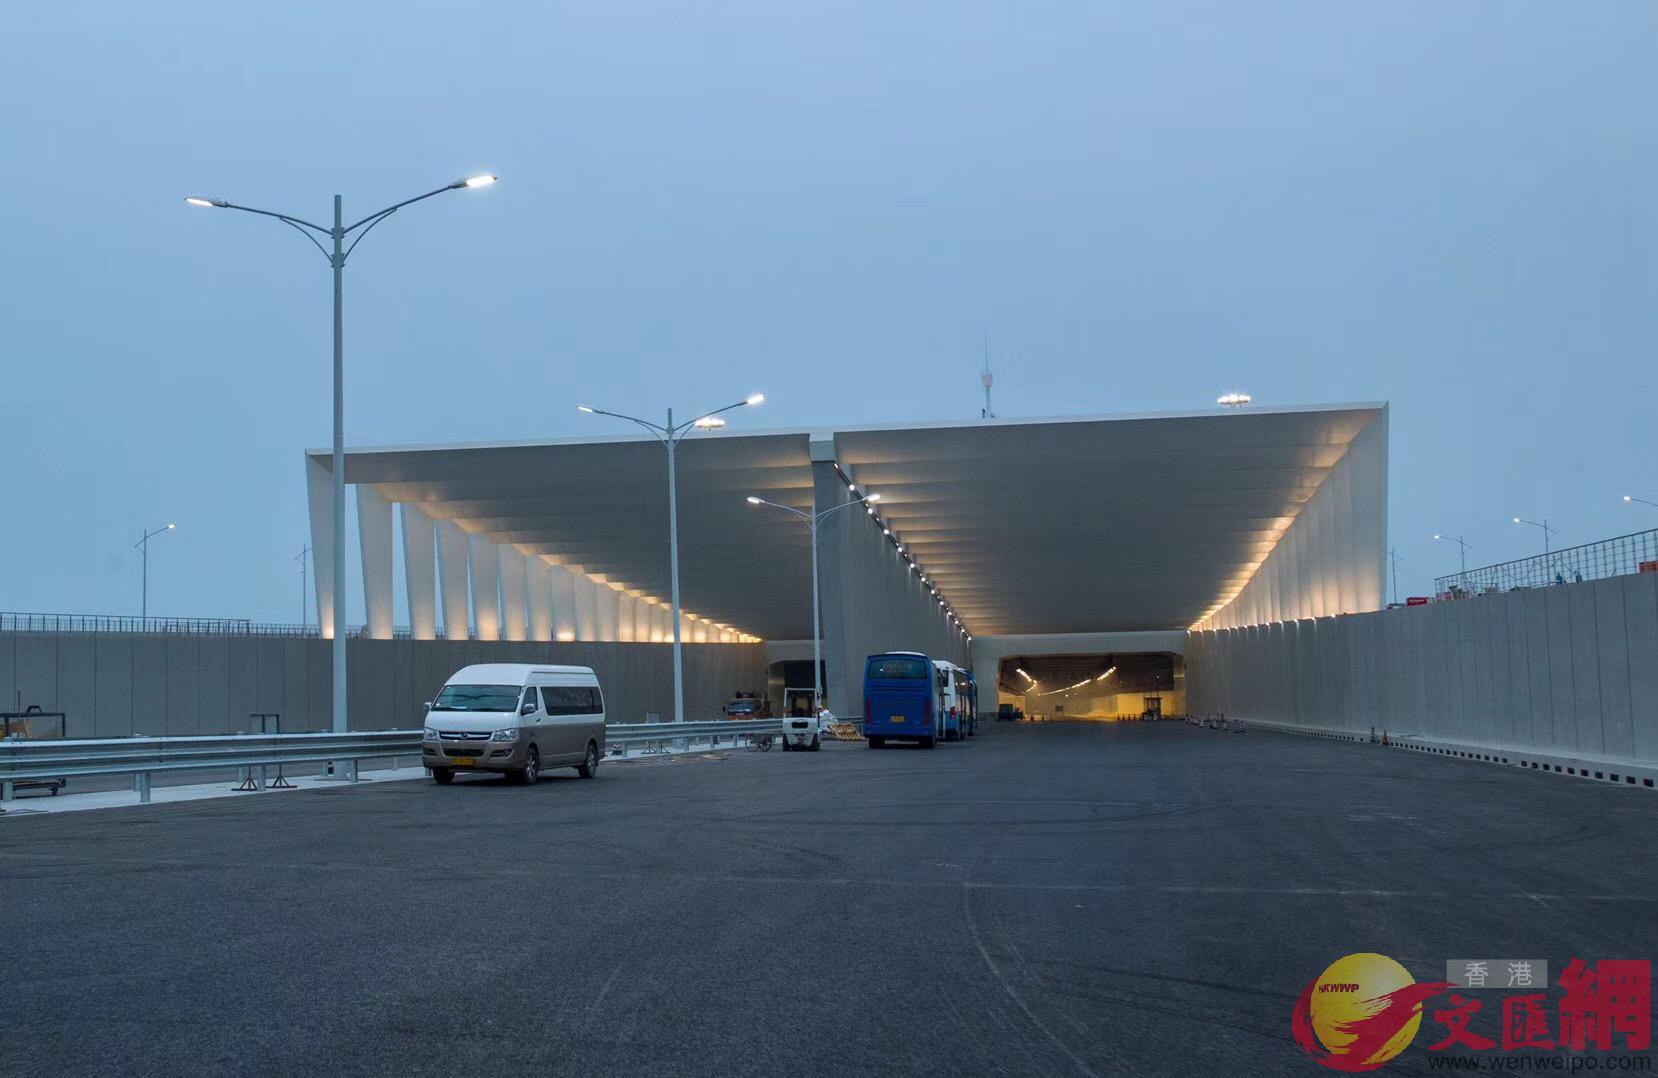 港珠澳大橋沉管隧道長5.6公里,圖為隧道出入口。(記者方俊明攝)